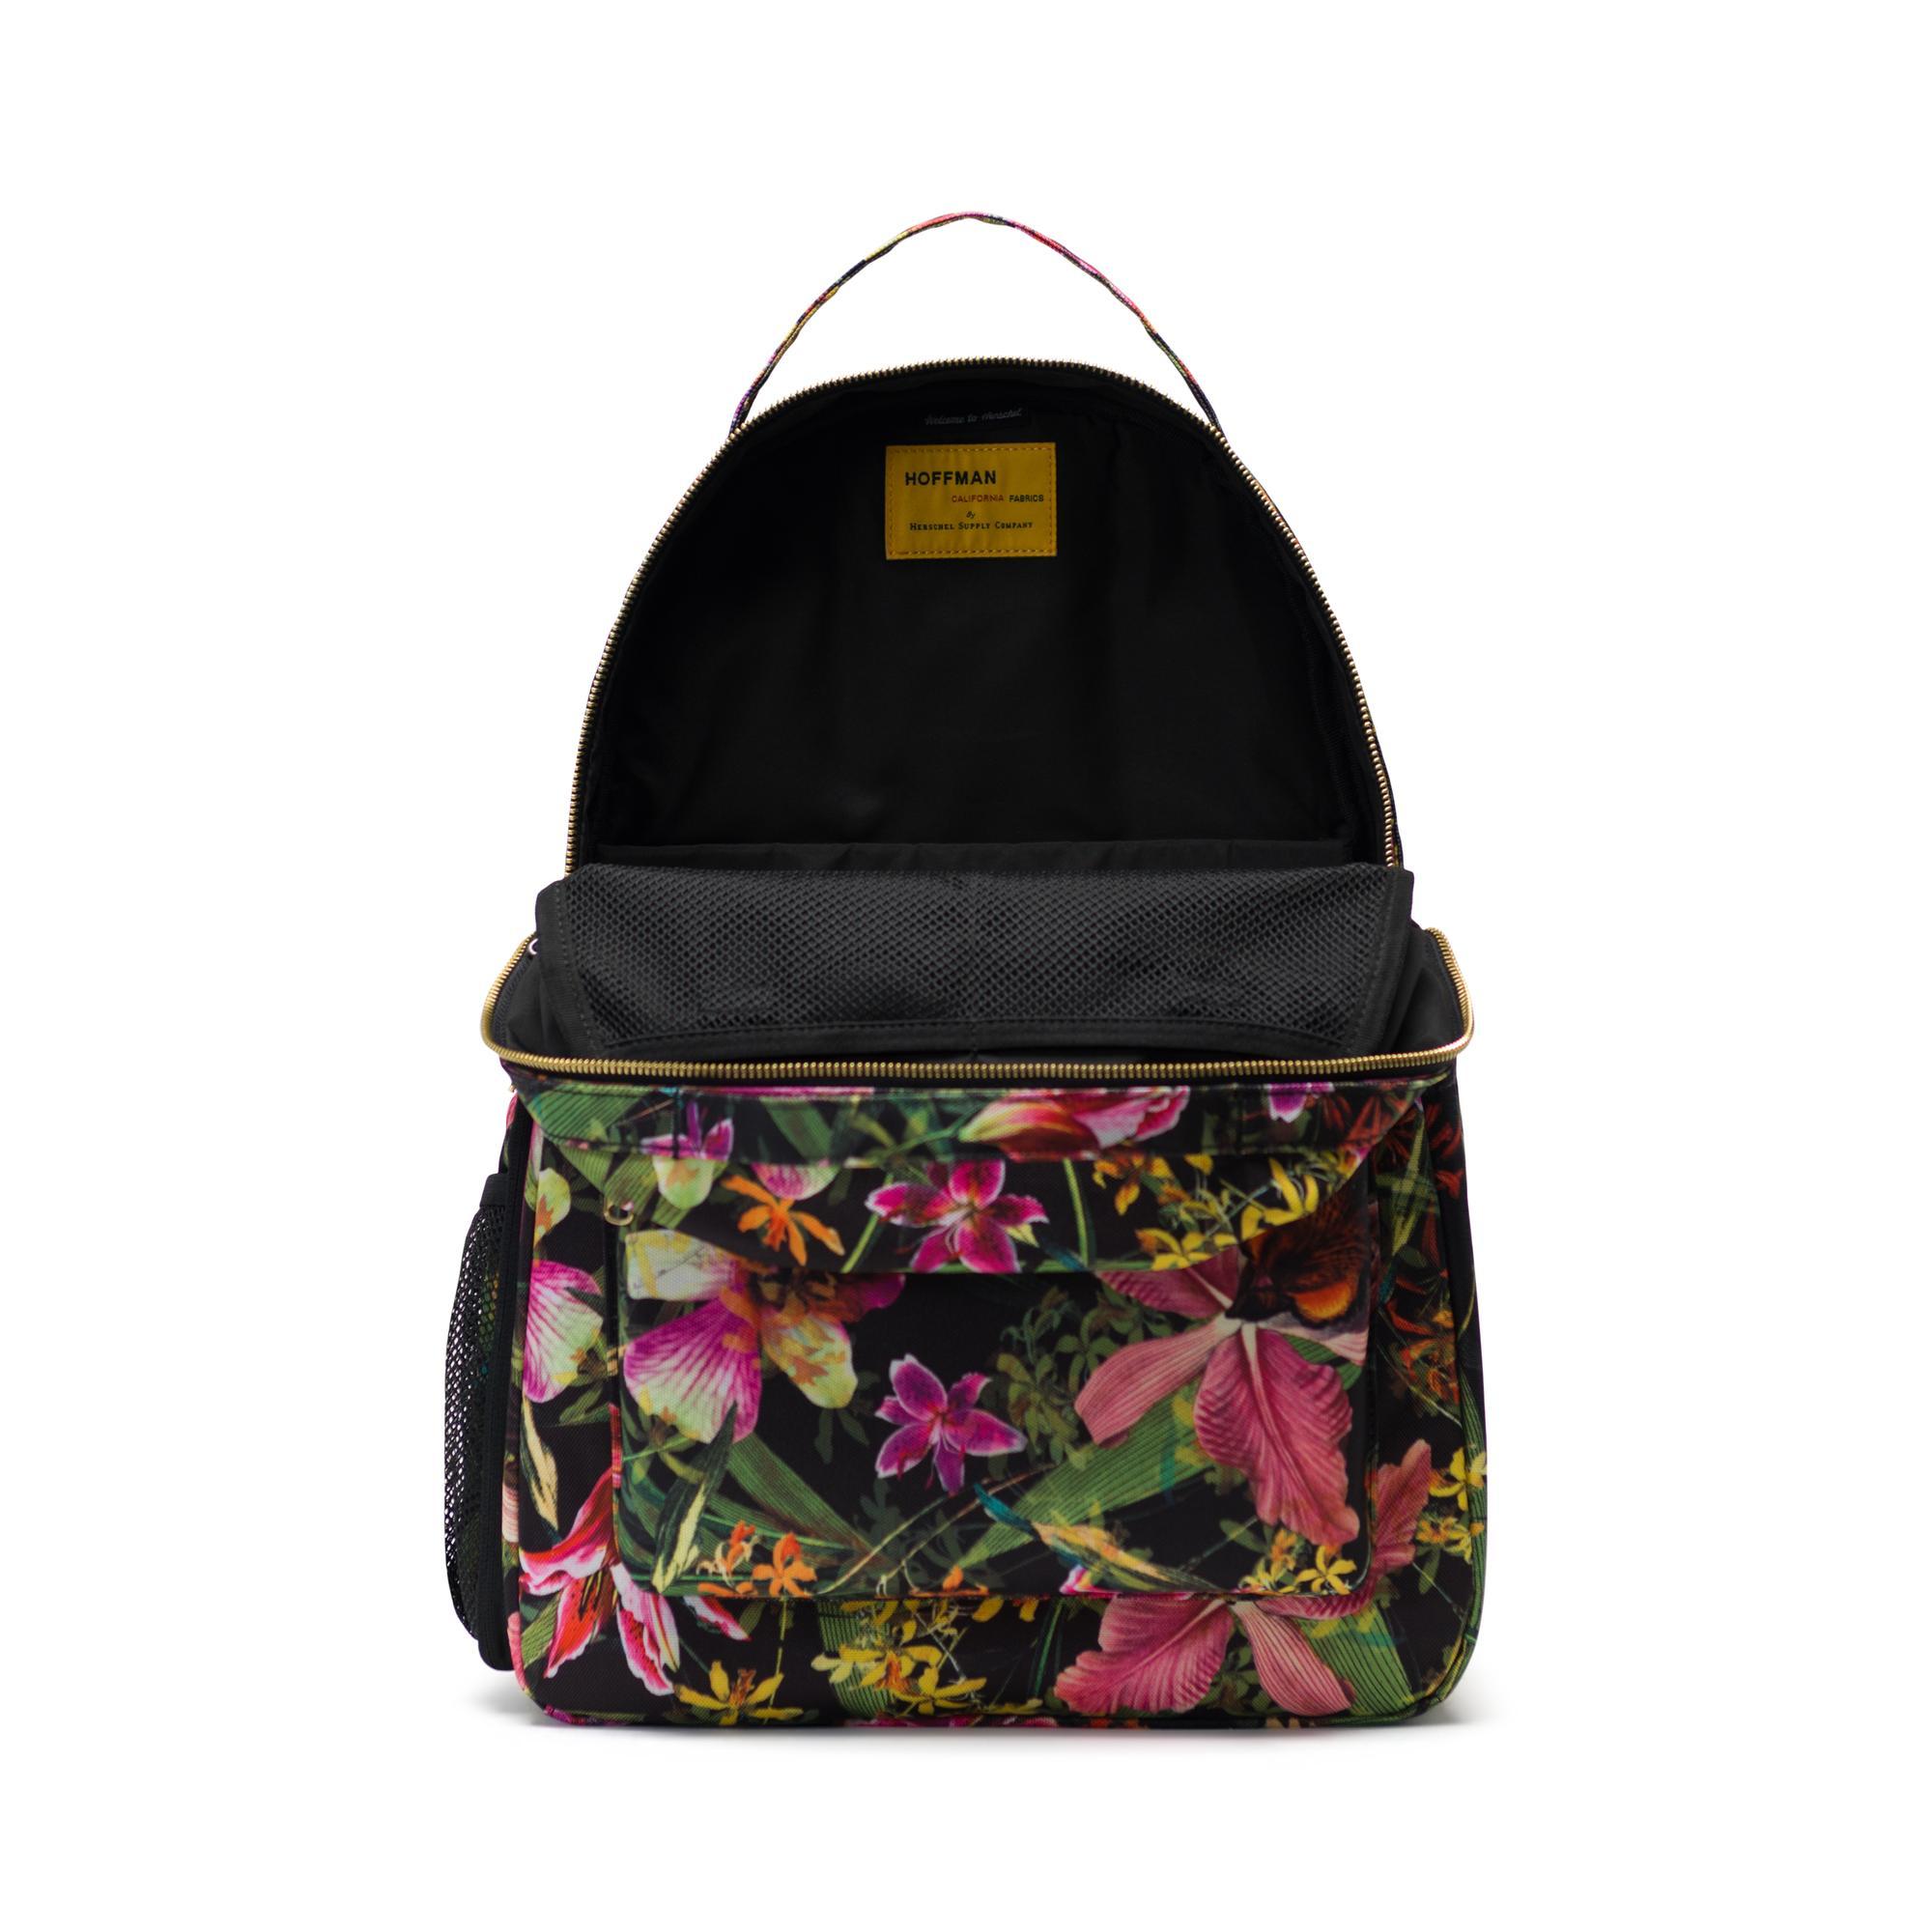 4b10749ef85 Nova Backpack Sprout